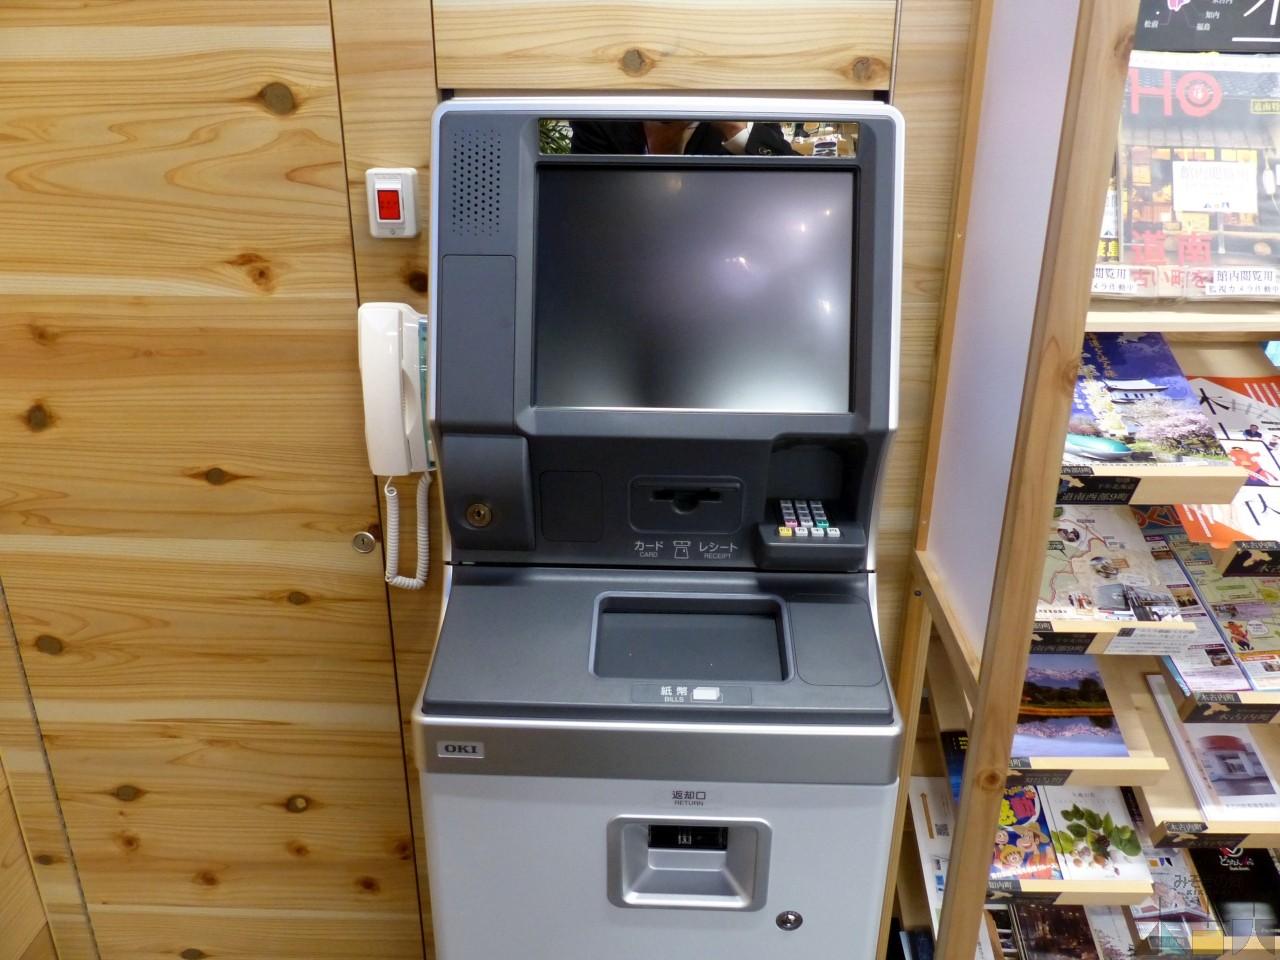 北海道銀行ATMを設置!12月5日から利用可能に